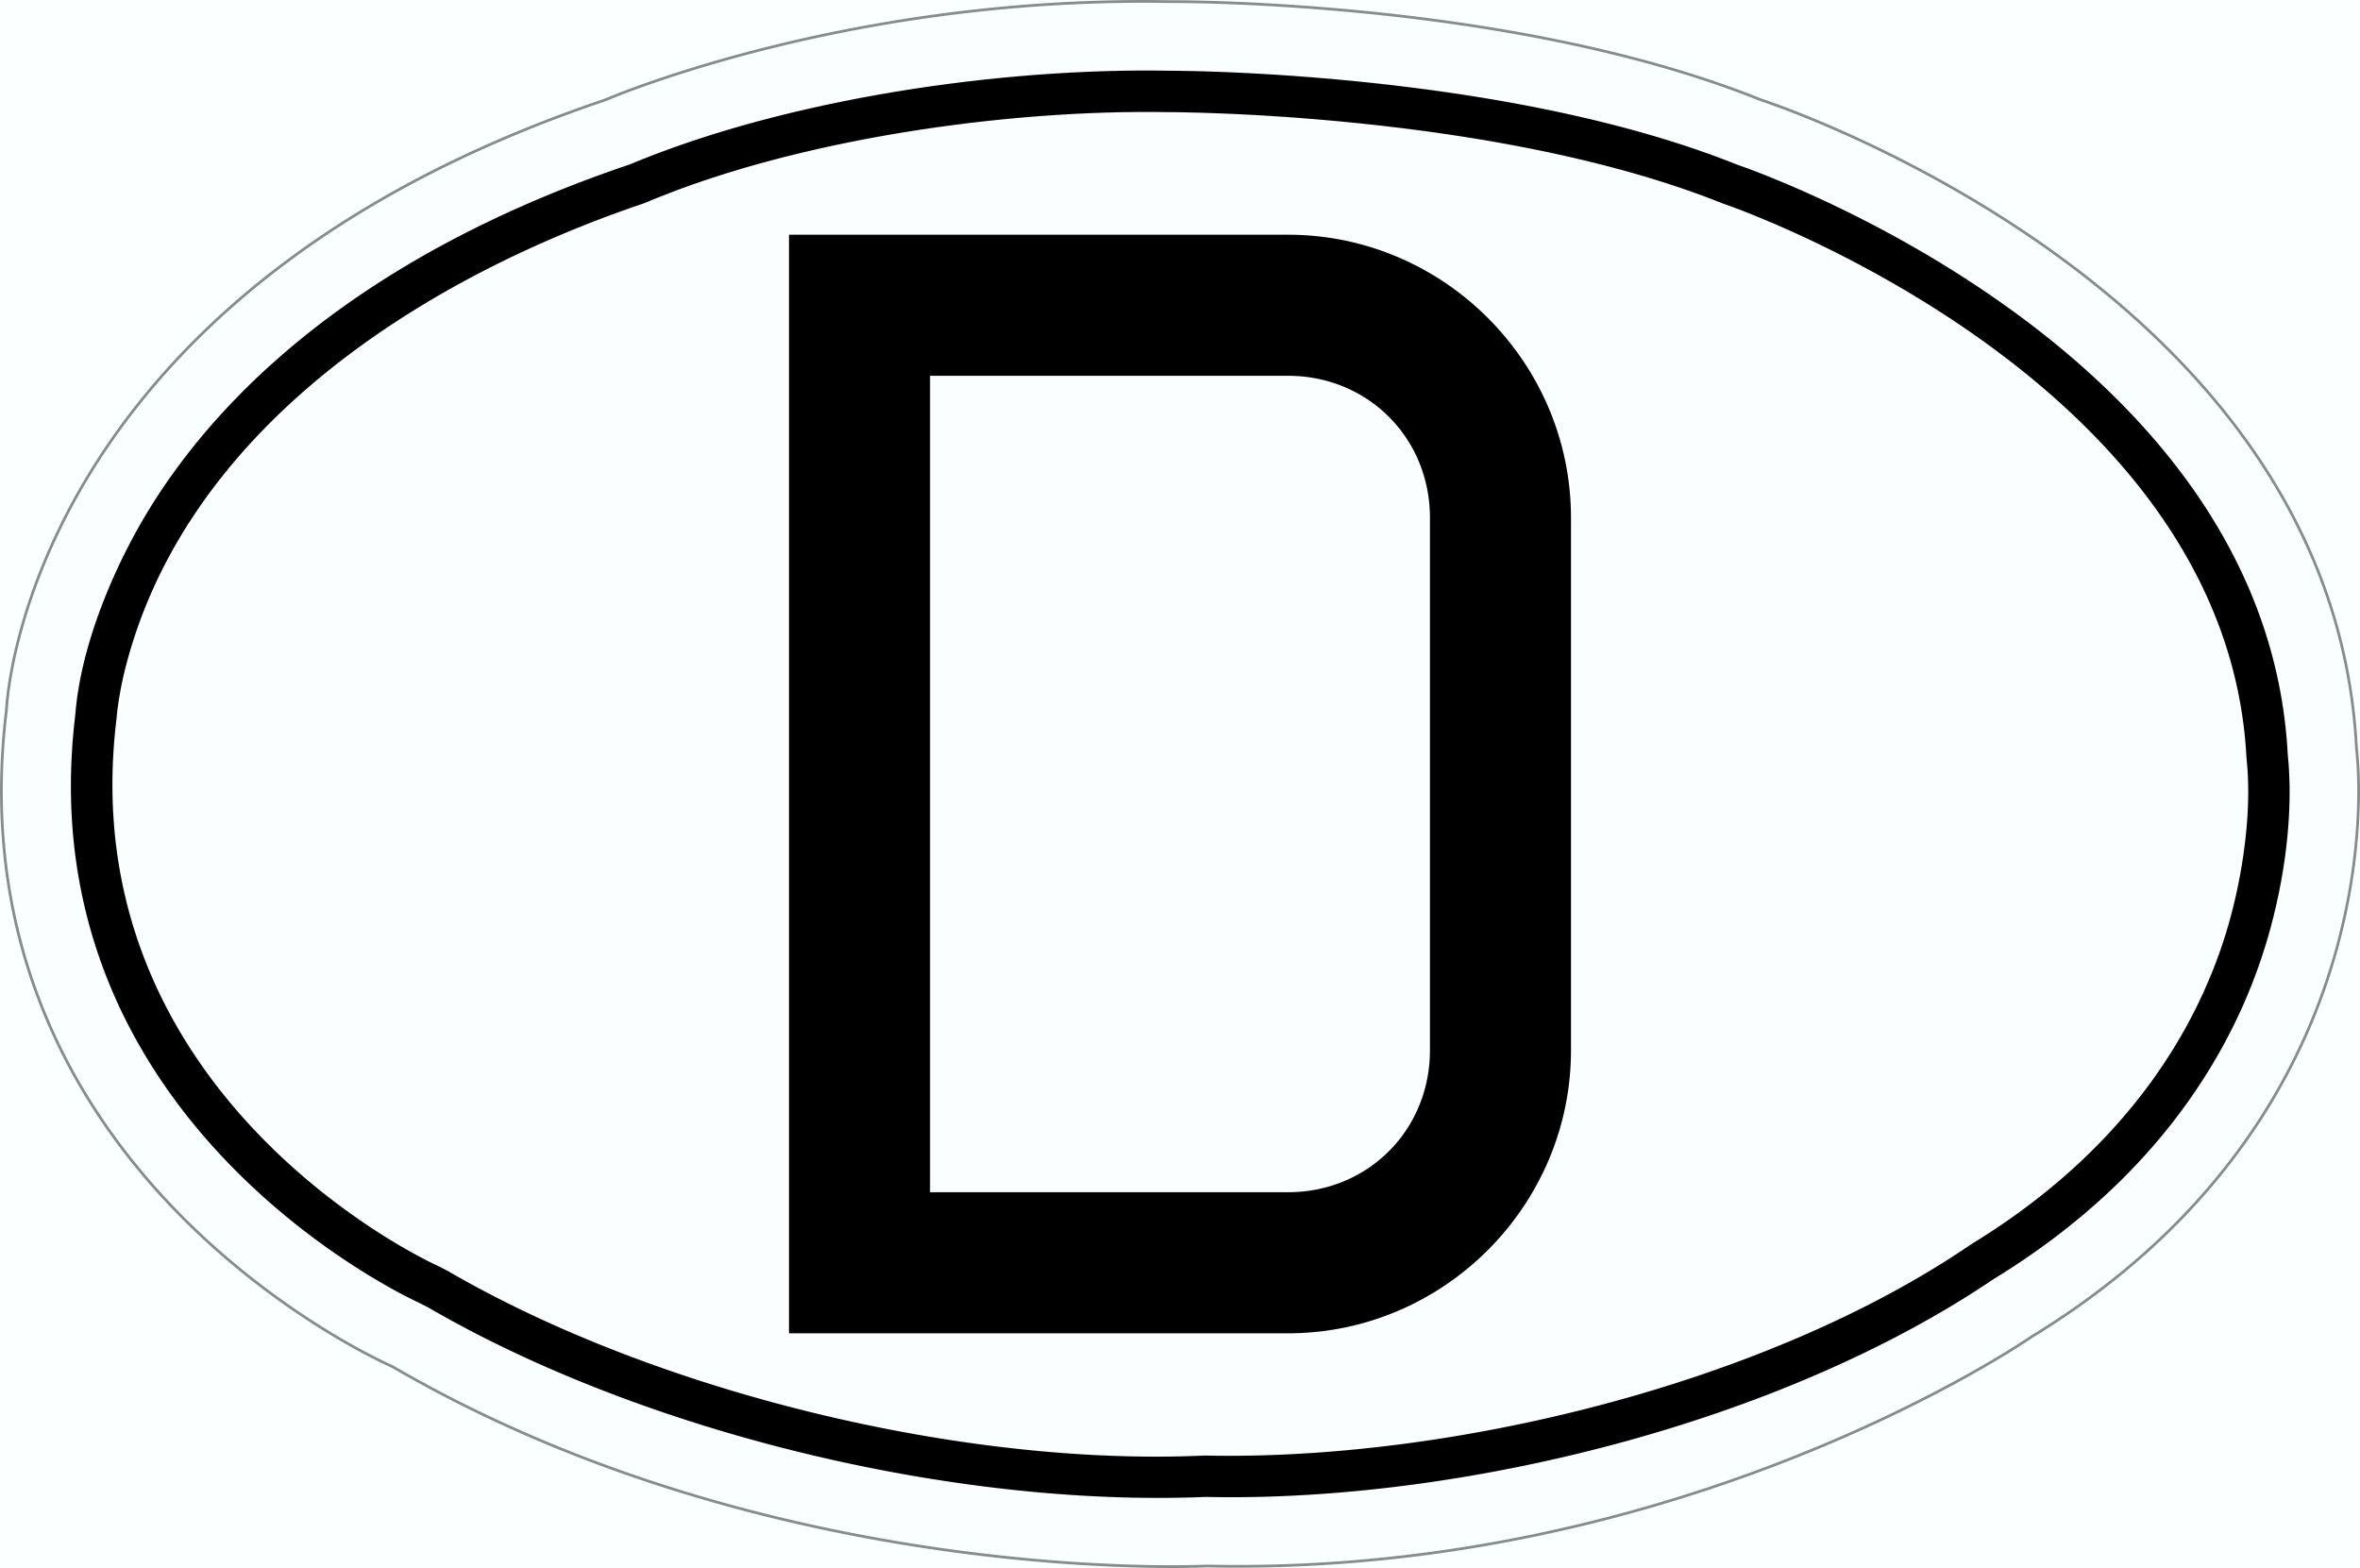 Aufkleber Deutschland mit Magnetfolie 125 x 85 mm Deutschland Fanartikel Olympia – Bild 1